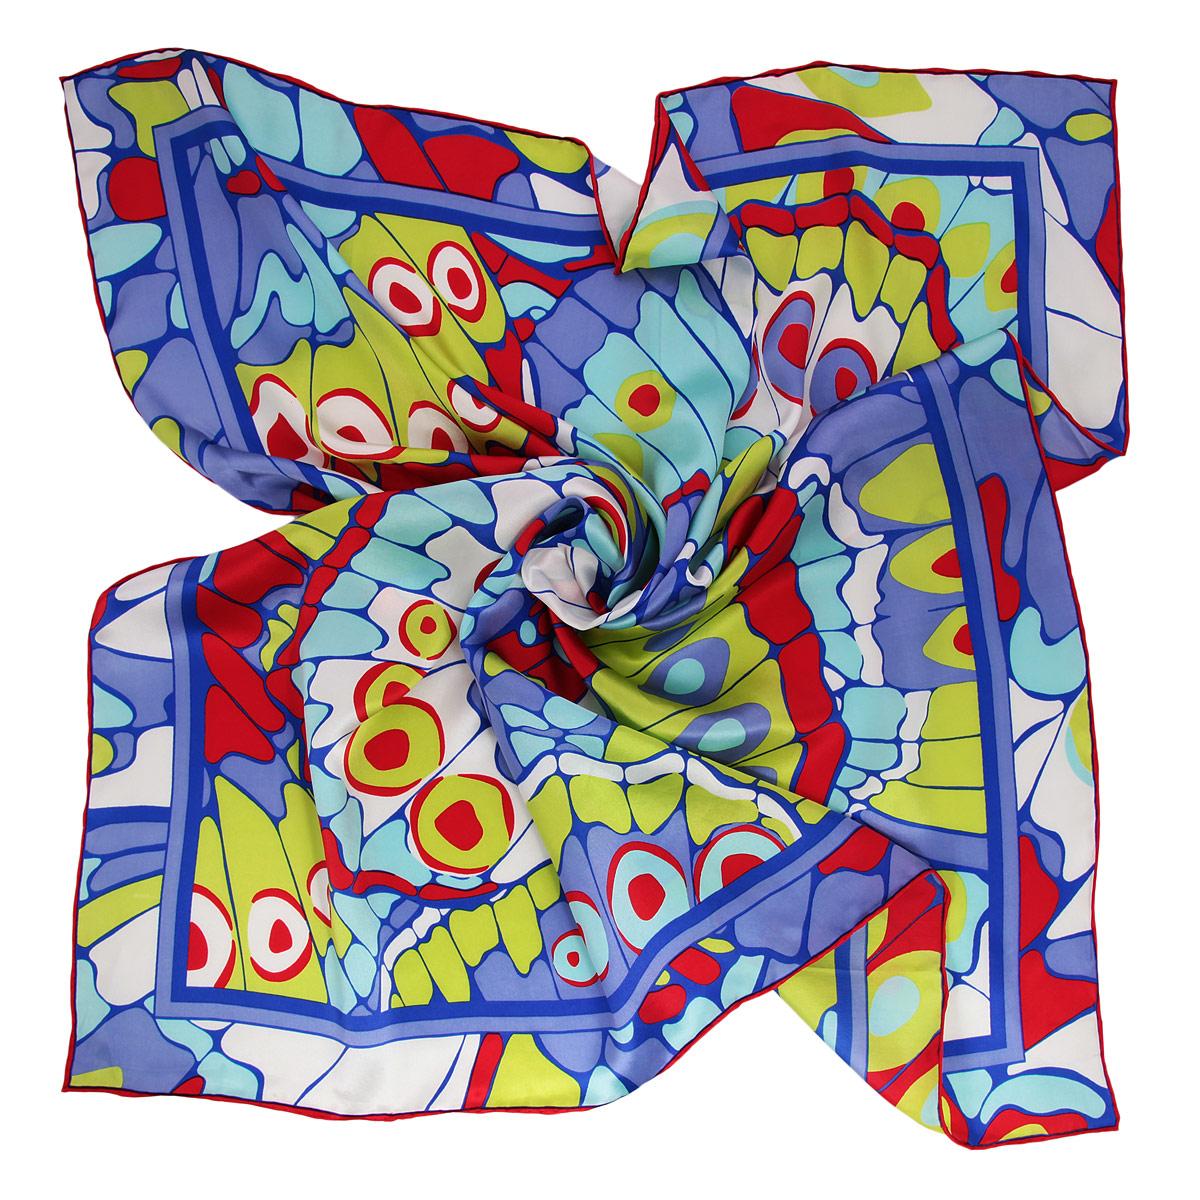 Платок женский. 18016291801629-1 ПлатокОчаровательный платок Venera подчеркнет ваш неповторимый образ. Изделие выполнено из натурального шелка и оформлено ярким орнаментом. Края платка обработаны вручную. Этот модный аксессуар женского гардероба гармонично дополнит образ современной женщины, следящей за своим имиджем и стремящейся всегда оставаться стильной и элегантной.